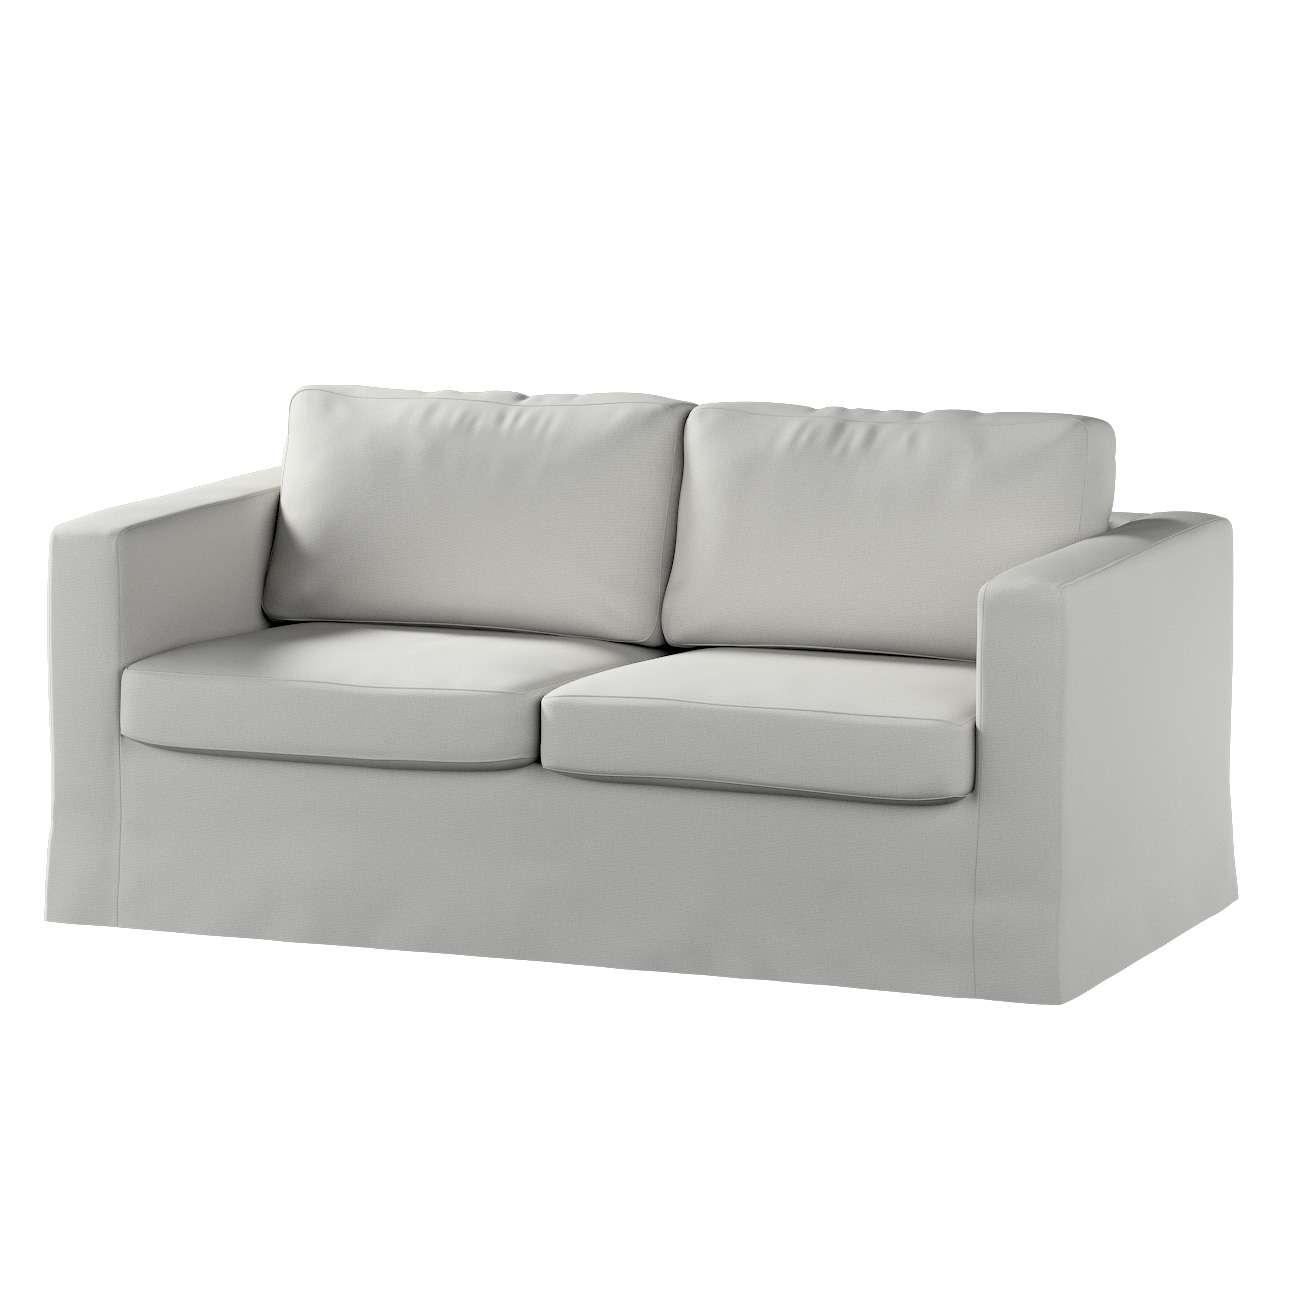 Pokrowiec na sofę Karlstad 2-osobową nierozkładaną długi Sofa Karlstad 2-osobowa w kolekcji Etna , tkanina: 705-90